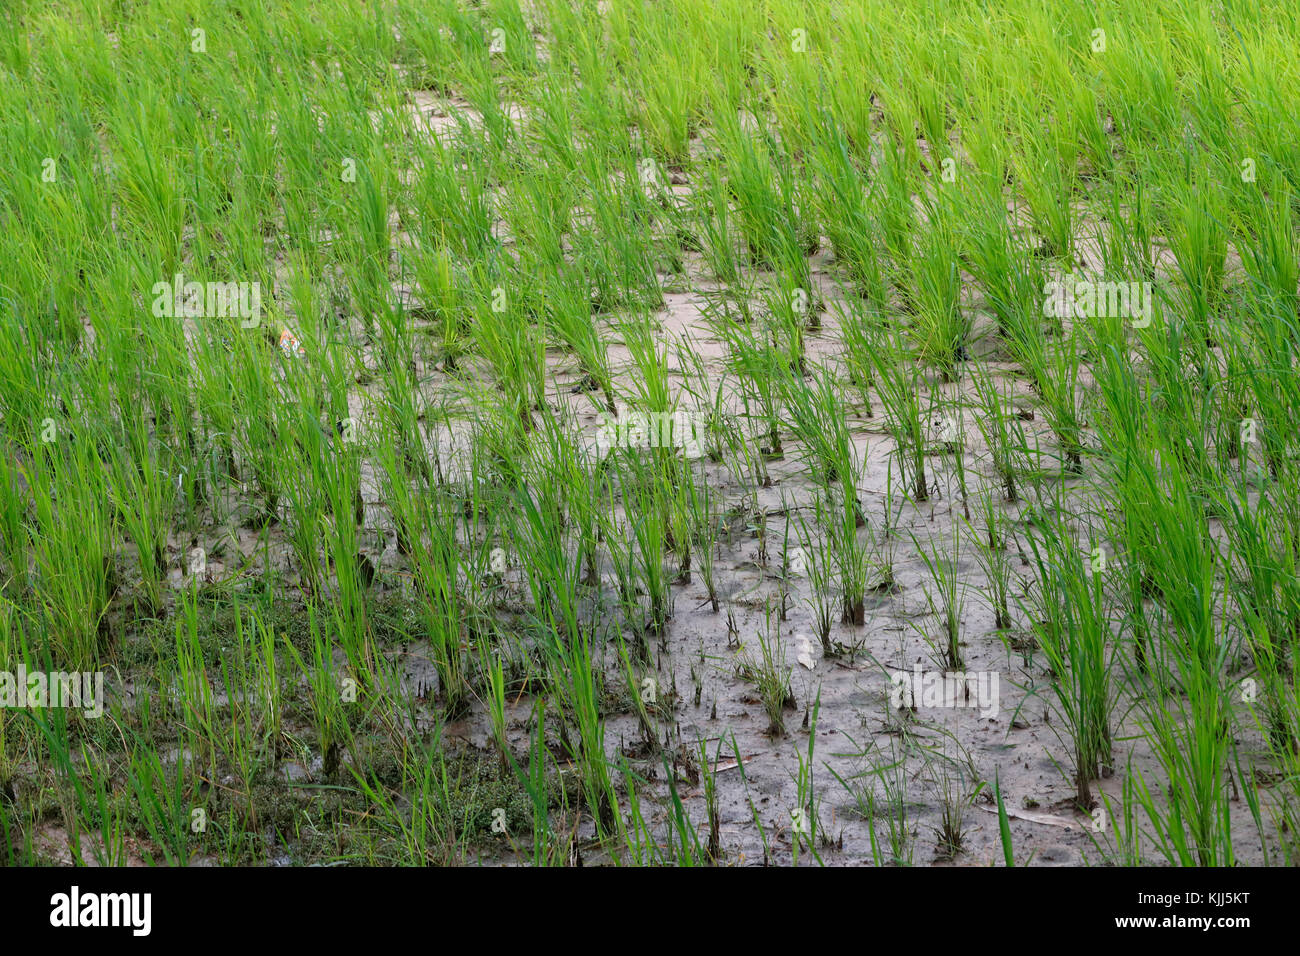 L'agriculture. La culture du riz dans une rizière. Kon Tum. Le Vietnam. Photo Stock